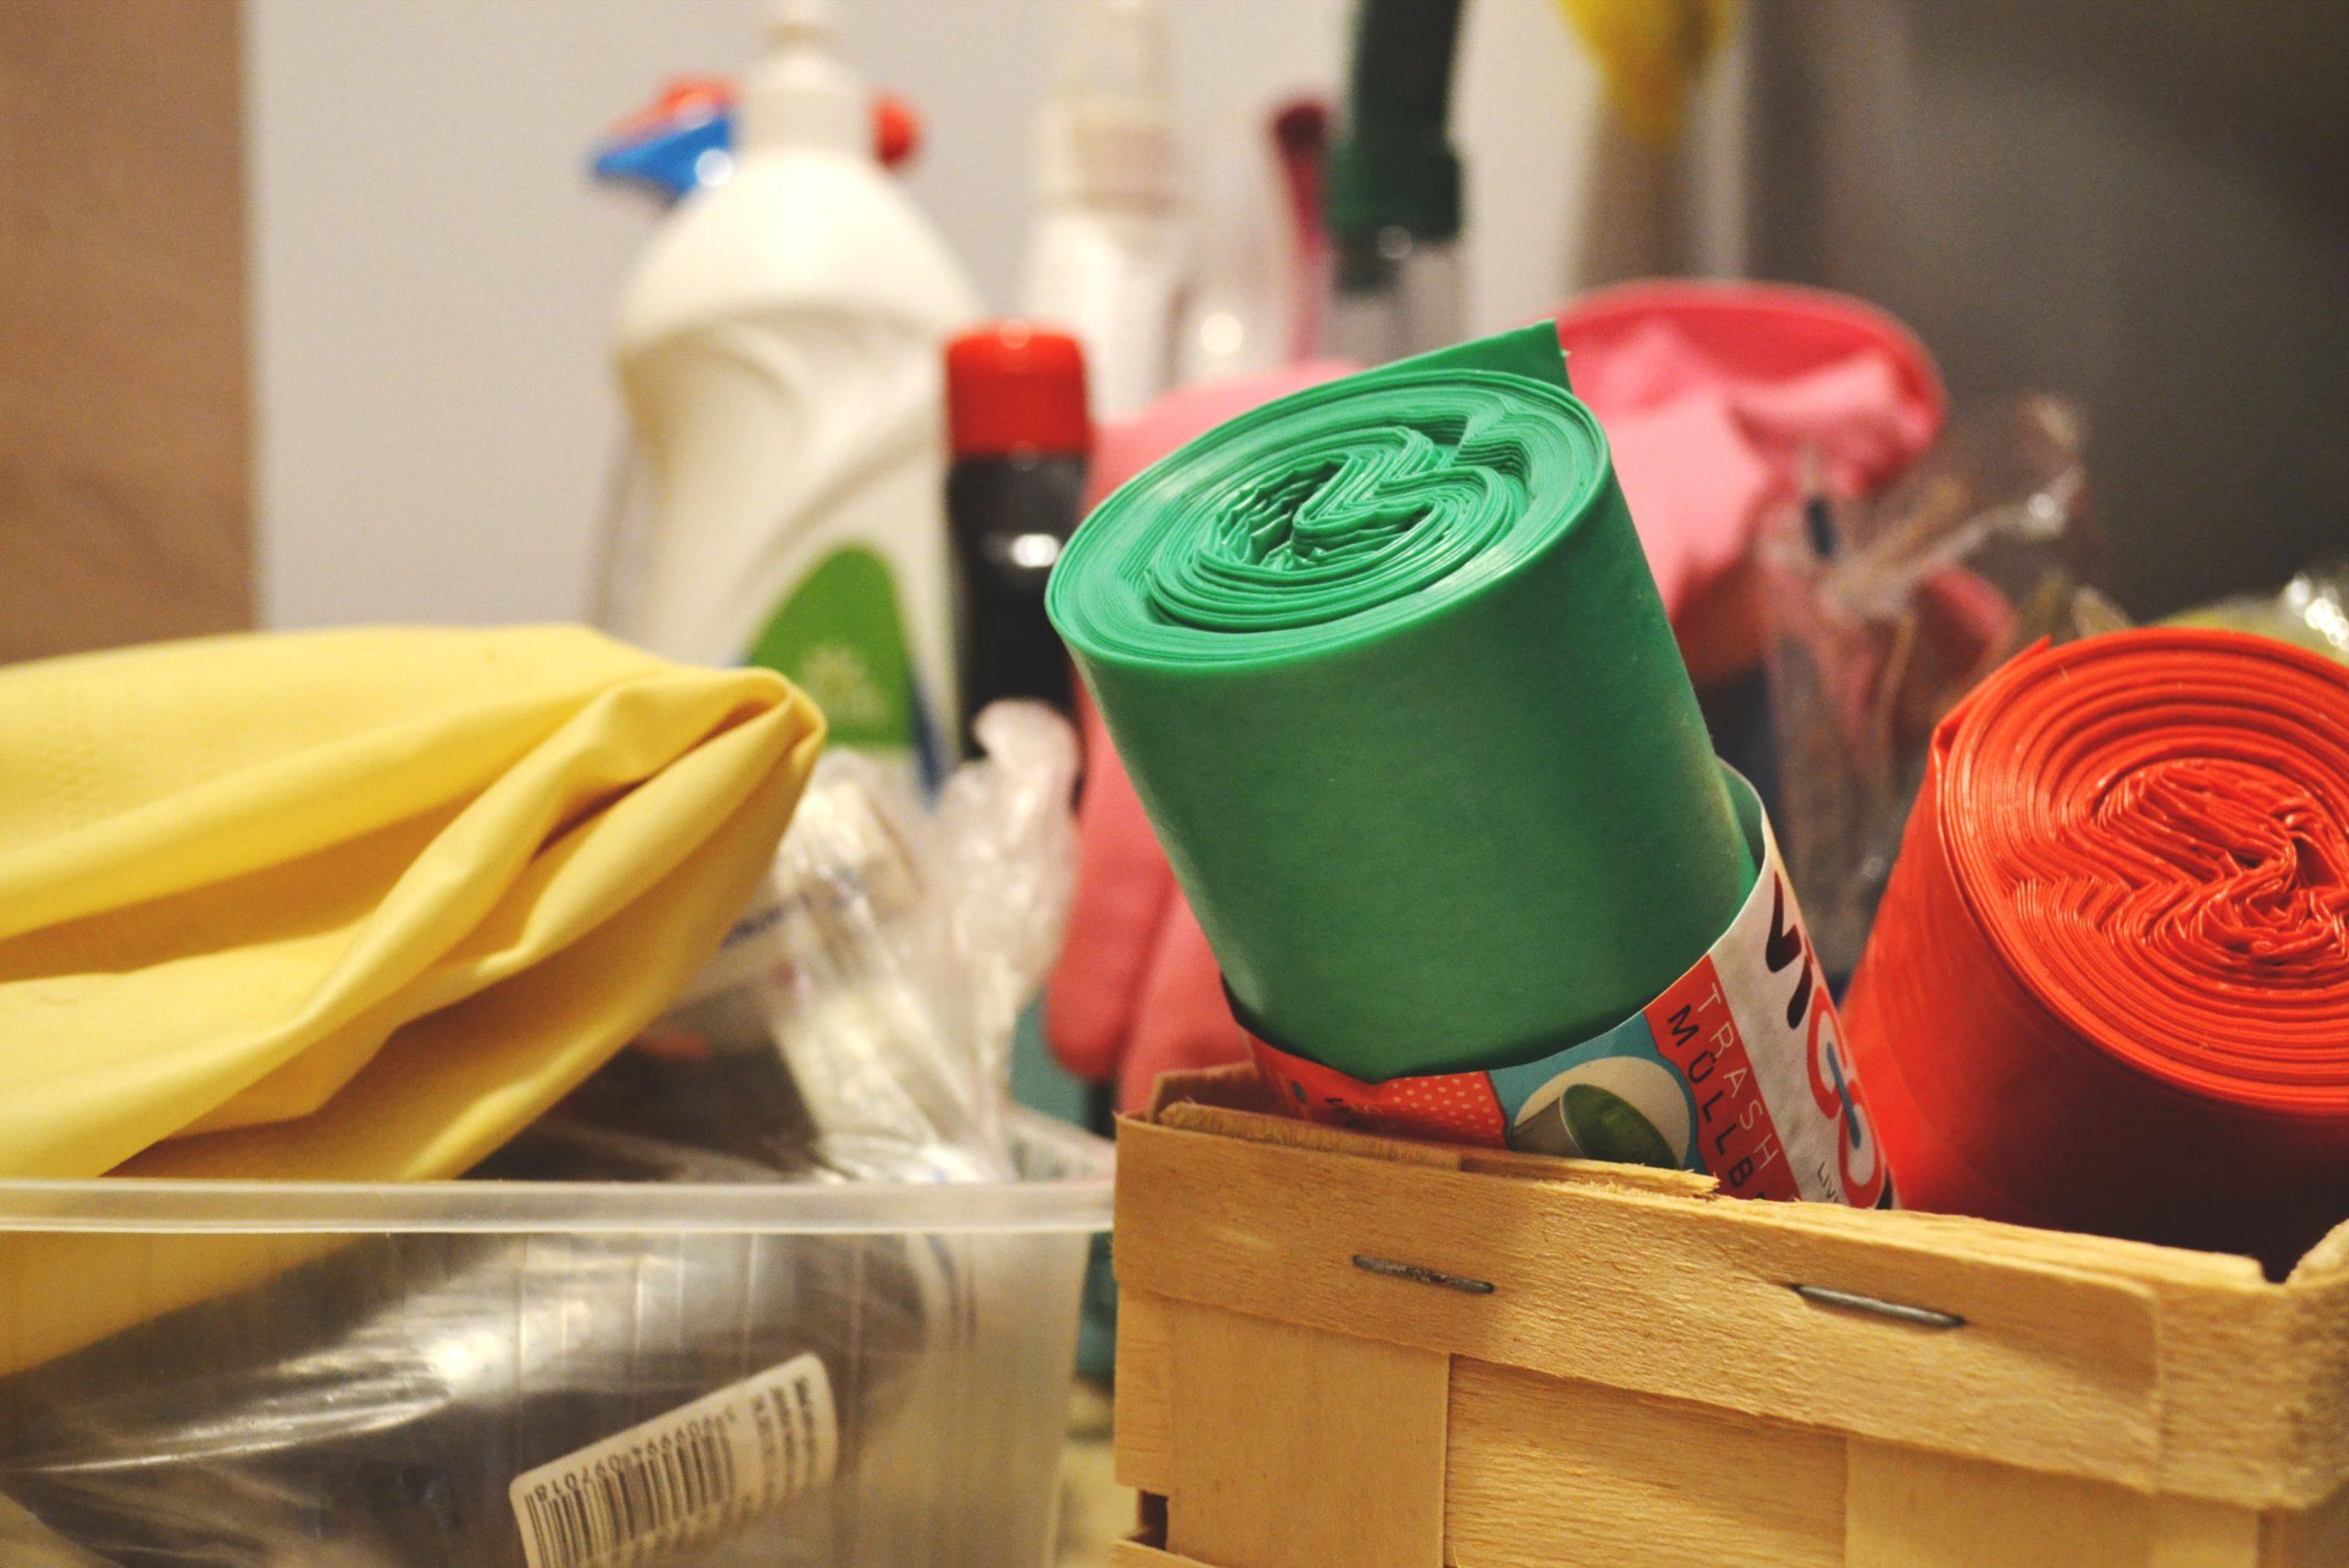 Efektywne sprzątanie to takie, które zabiera niewiele czasu, a daje odpowiedni efekt